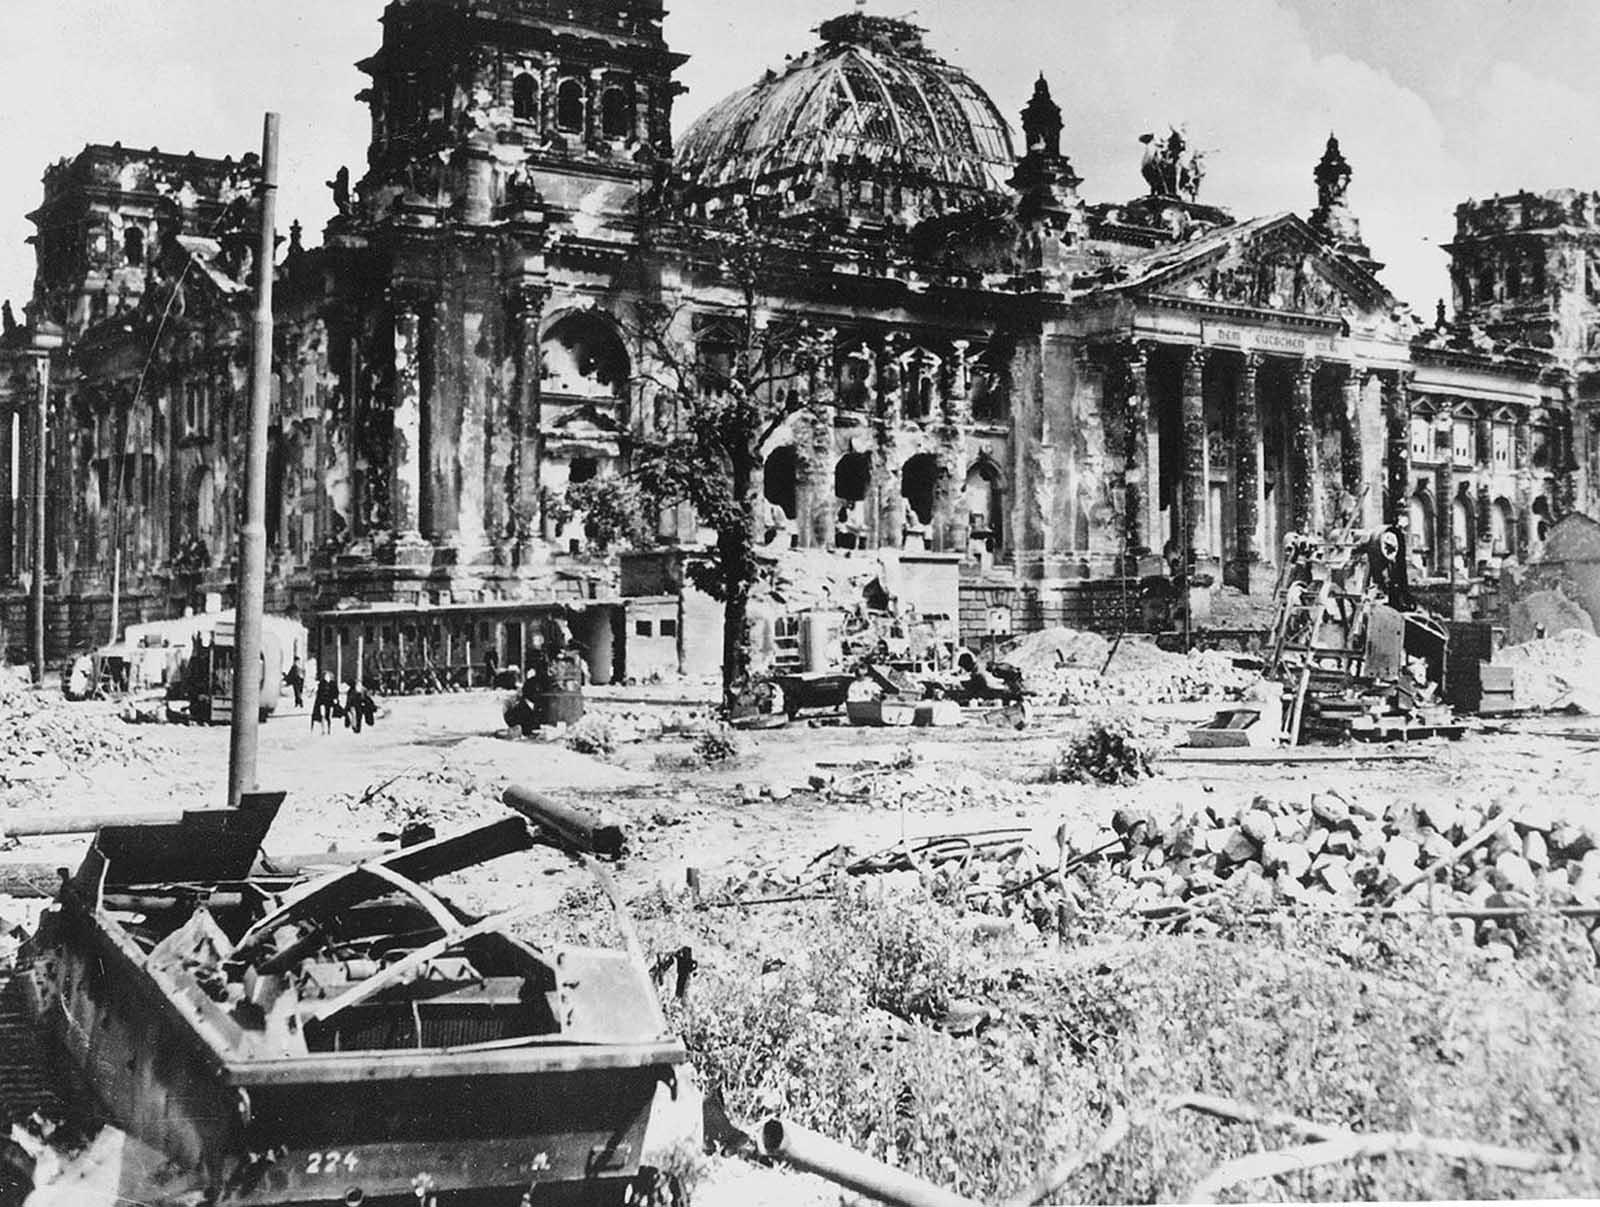 Last_days_of_Nazi_Germany (39).jpg